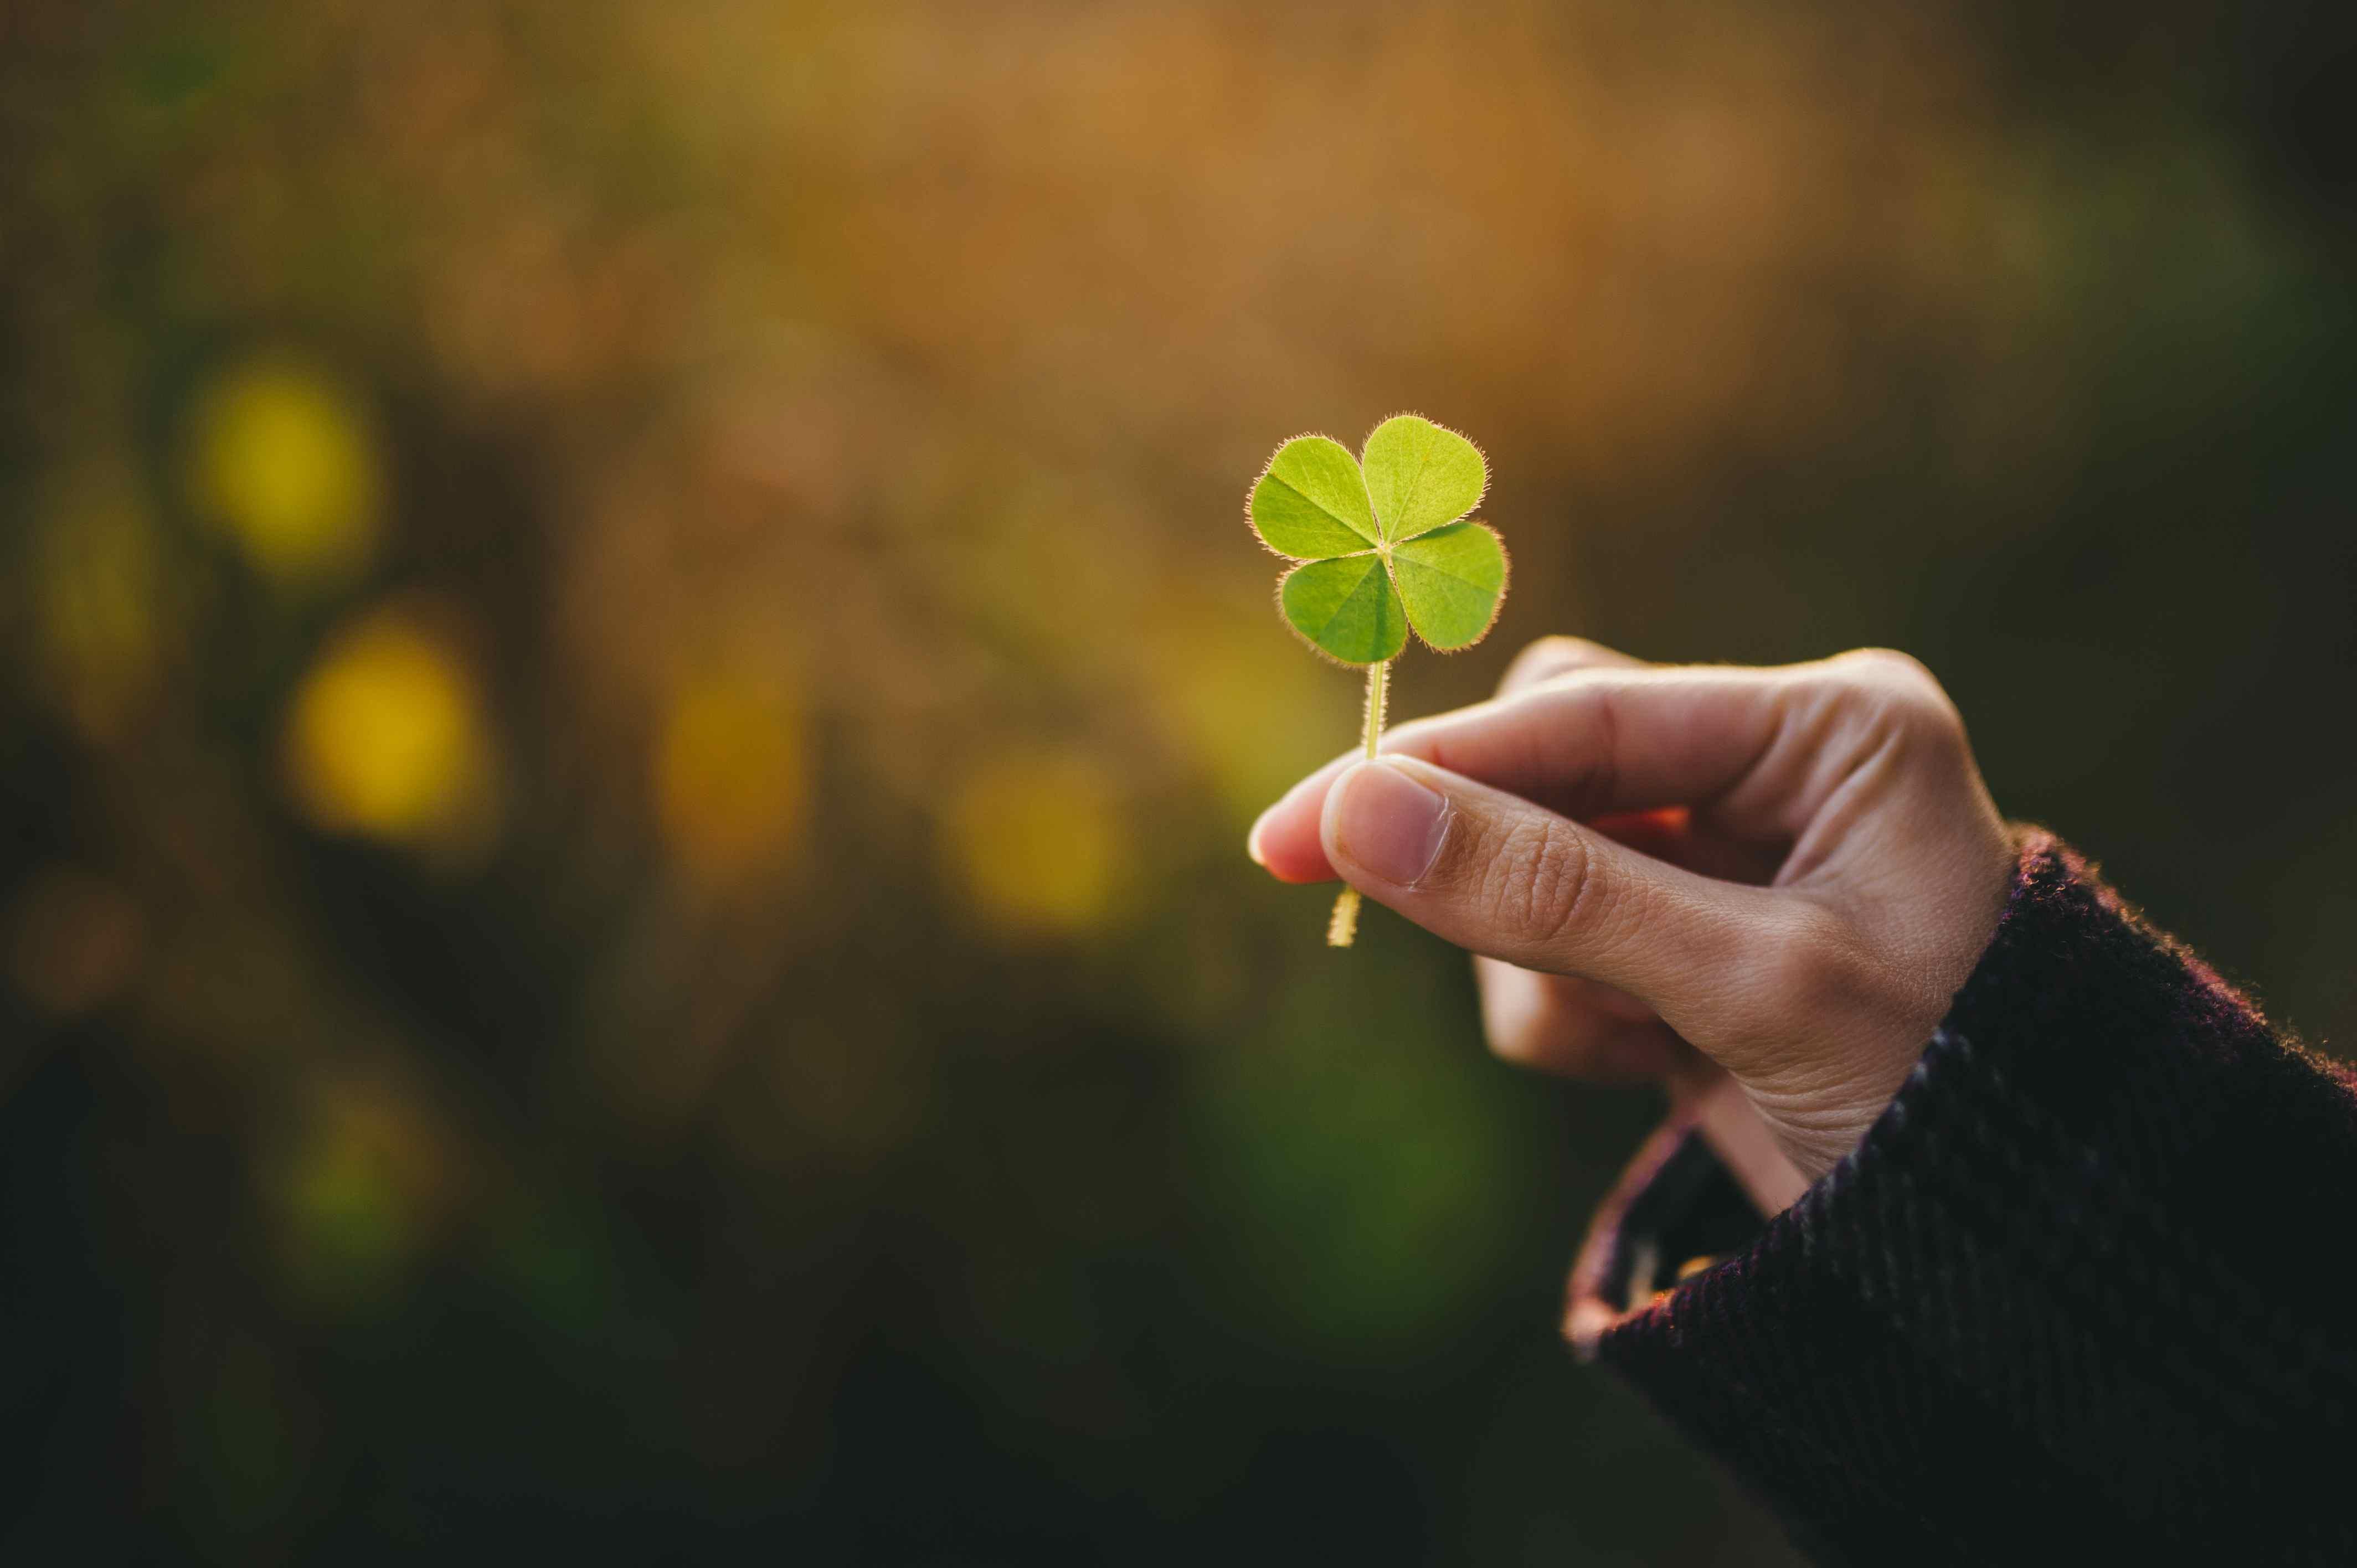 holding a four leaf clover a3df78ca6e403f2df